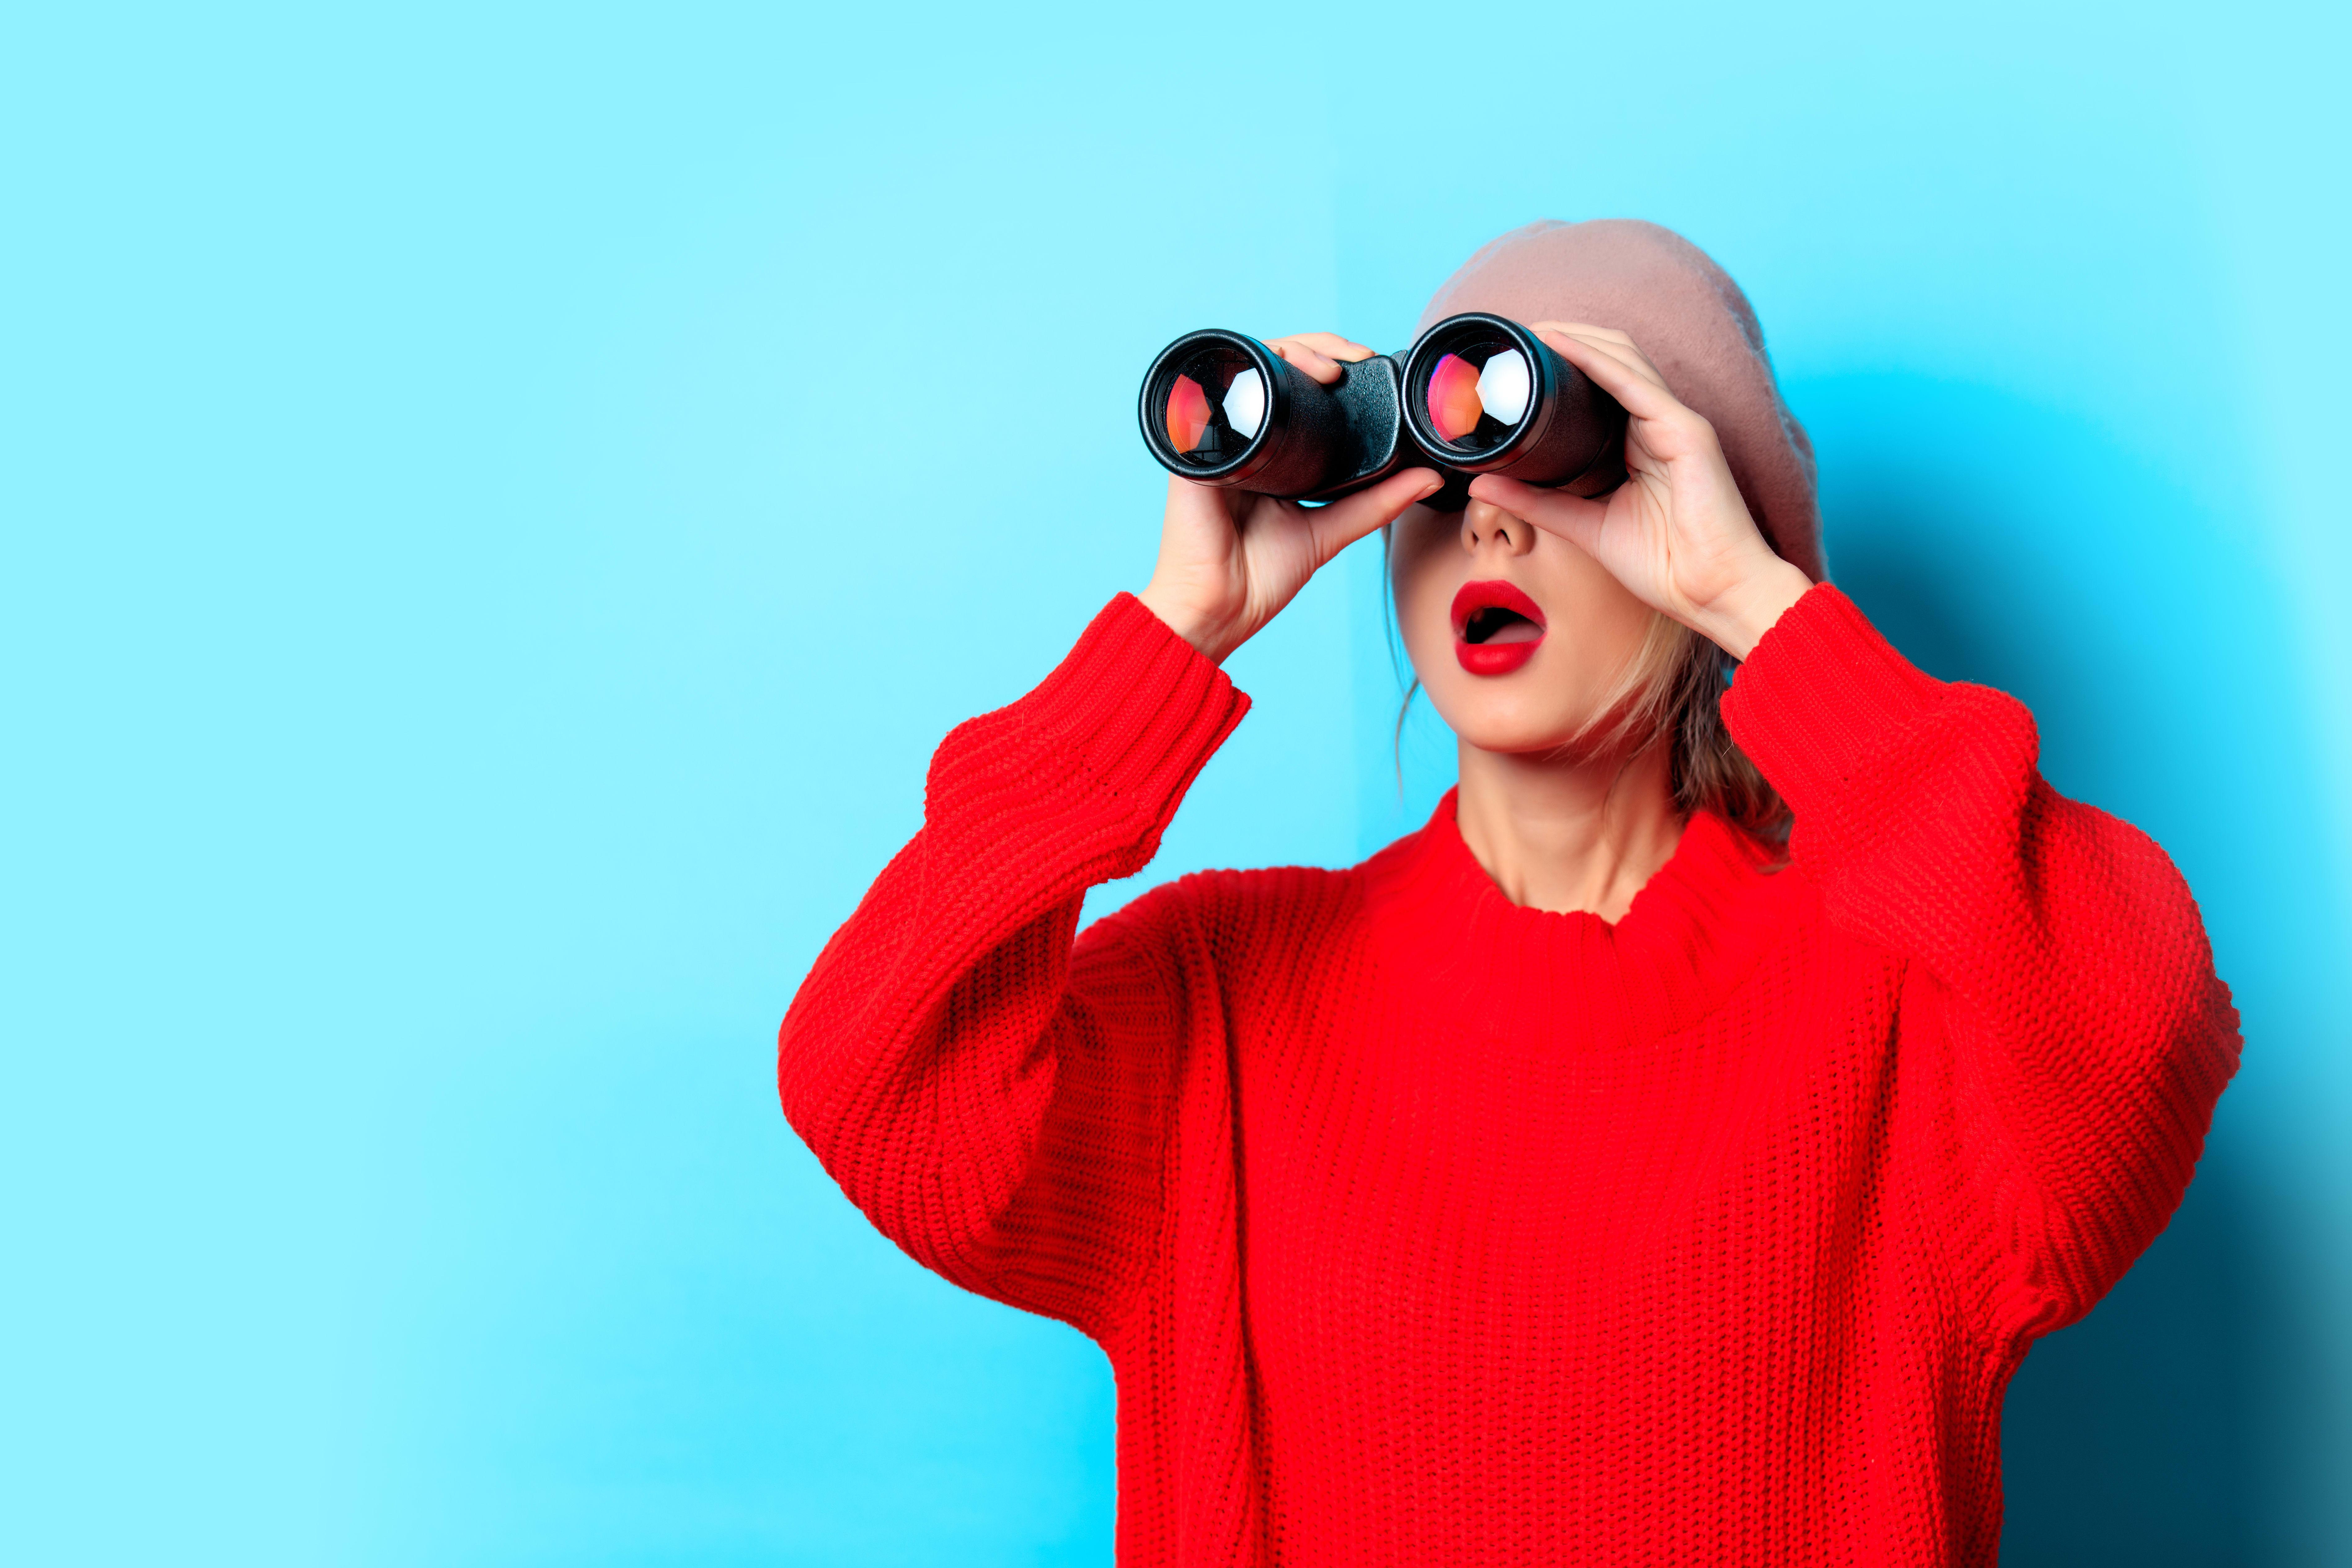 Woman in a big red sweater looking through binoculars